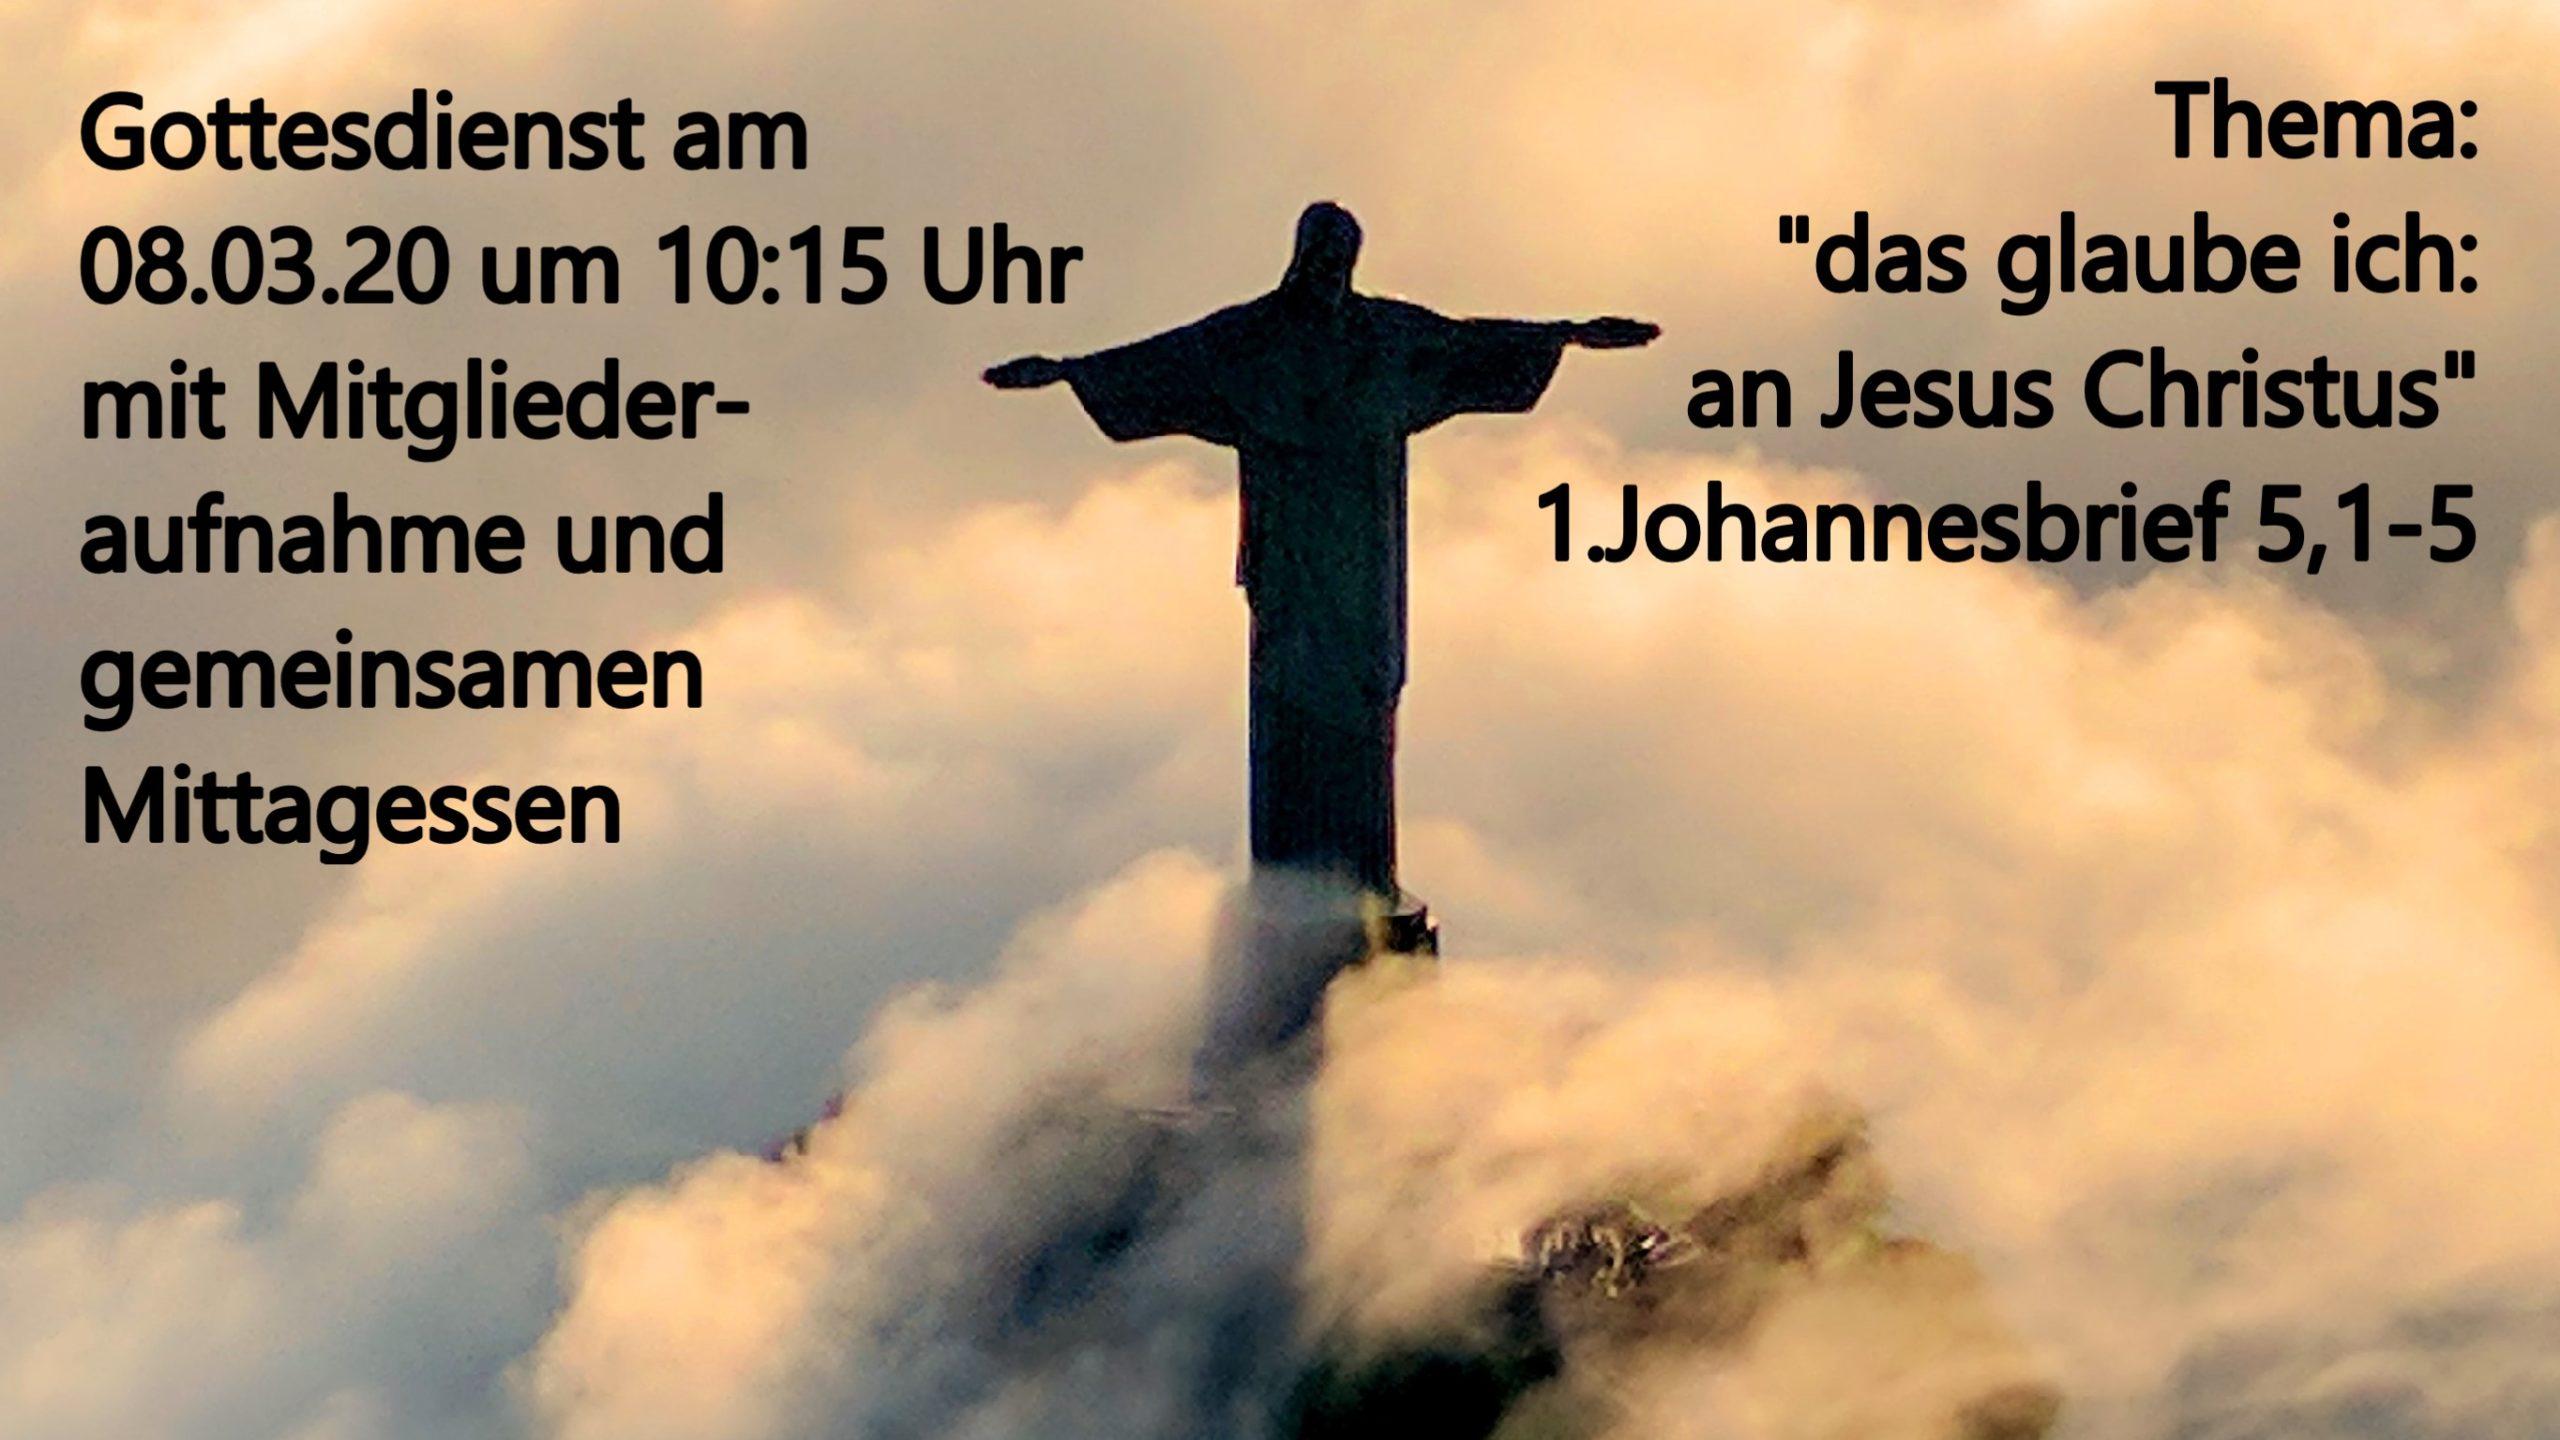 das glaube ich - Teil 3: an Jesus Christus